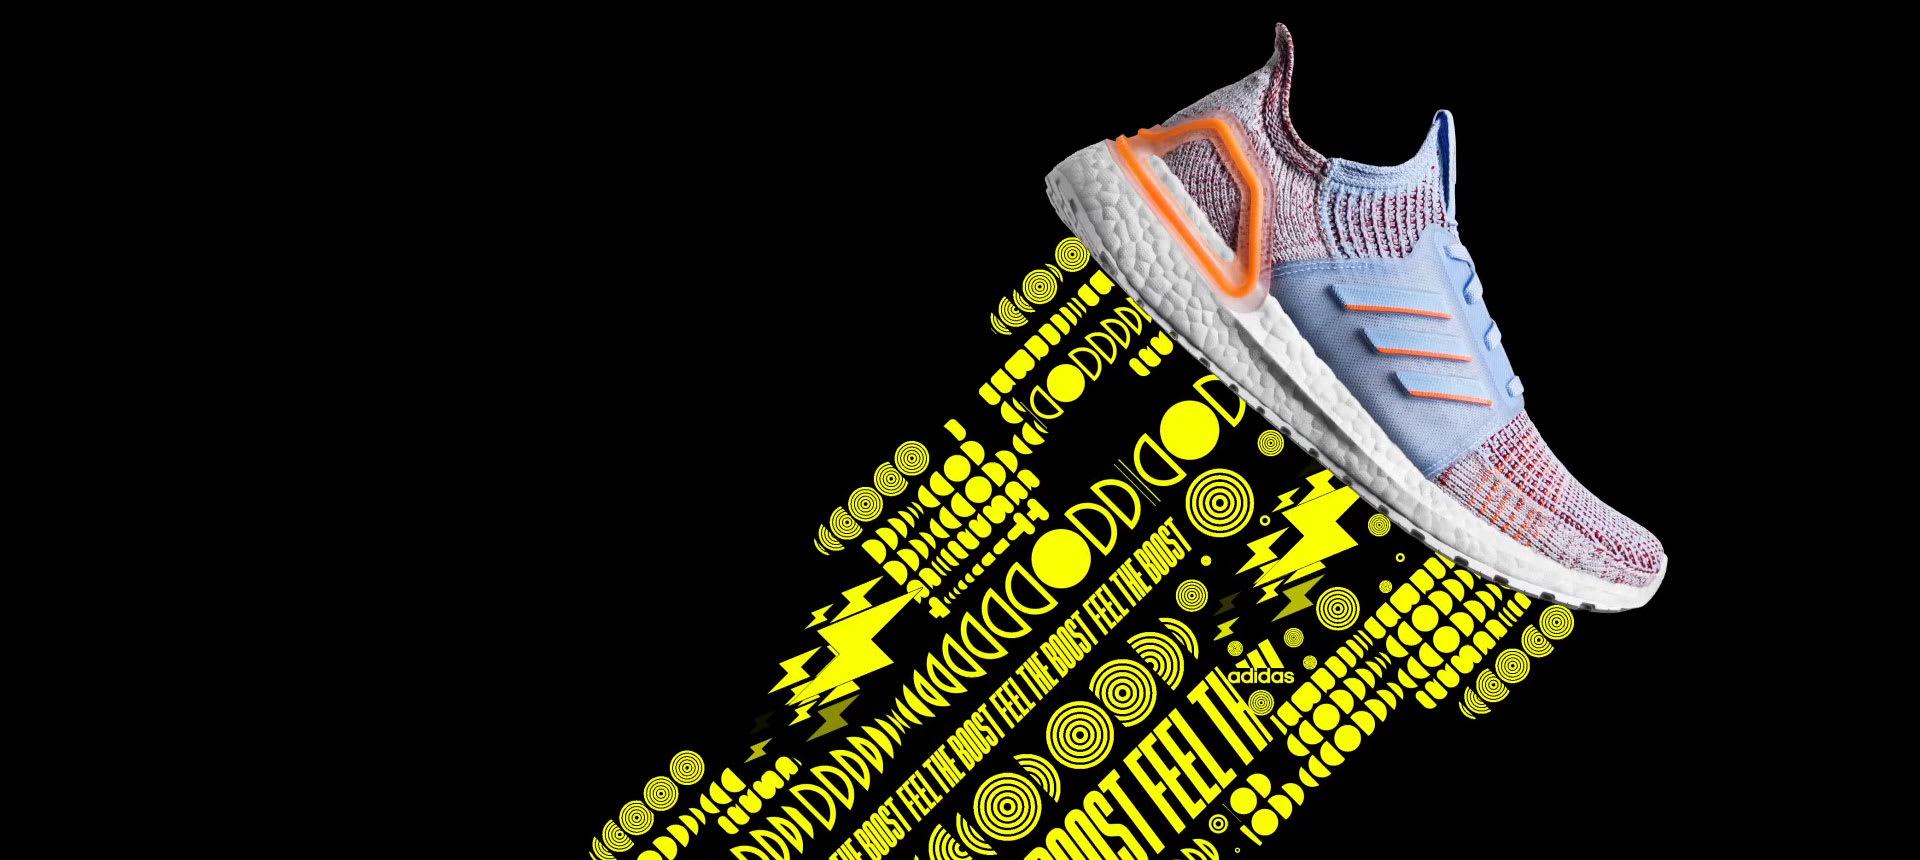 34b7c6e517 adidas Singapore Online - Shop Sports & Originals | adidas SG